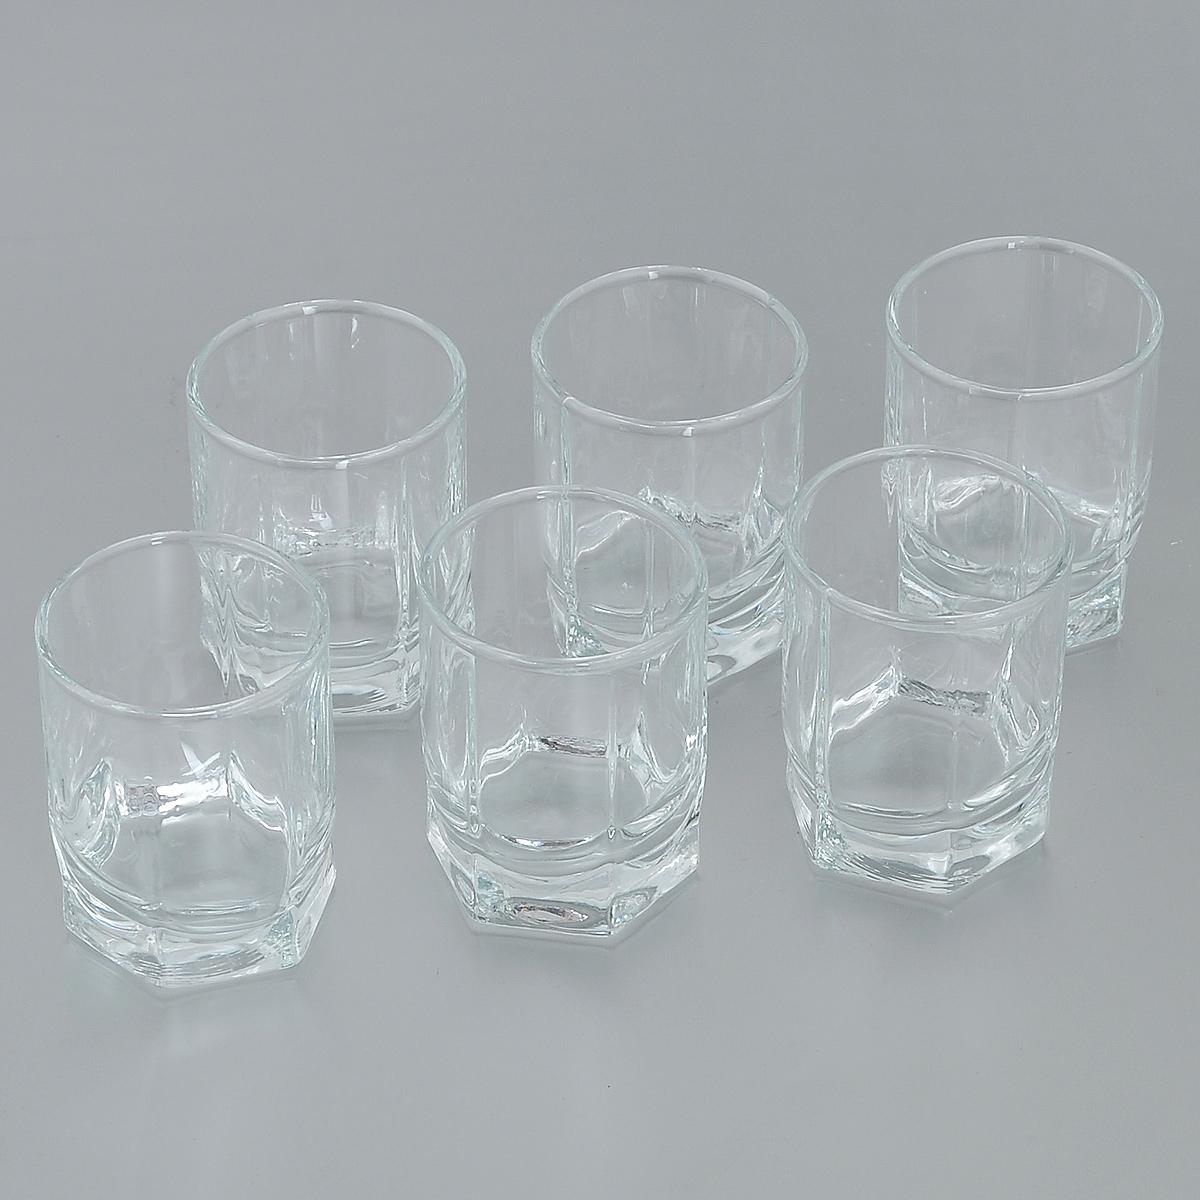 Набор рюмок Pasabahce Tango, 60 мл, 6 шт42294BНабор Pasabahce Tango состоит из шести рюмок, изготовленных из прочного натрий-кальций-силикатного стекла. Изделия, предназначенные для подачи водки и других спиртных напитков, несомненно придутся вам по душе. Рюмки, оснащенные рельефной многогранной поверхностью, сочетают в себе элегантный дизайн и функциональность. Благодаря такому набору пить напитки будет еще вкуснее. Набор рюмок Pasabahce Tango идеально подойдет для сервировки стола и станет отличным подарком к любому празднику. Можно мыть в посудомоечной машине и использовать в микроволновой печи. Диаметр рюмки по верхнему краю: 4,5 см. Высота рюмки: 6 см.